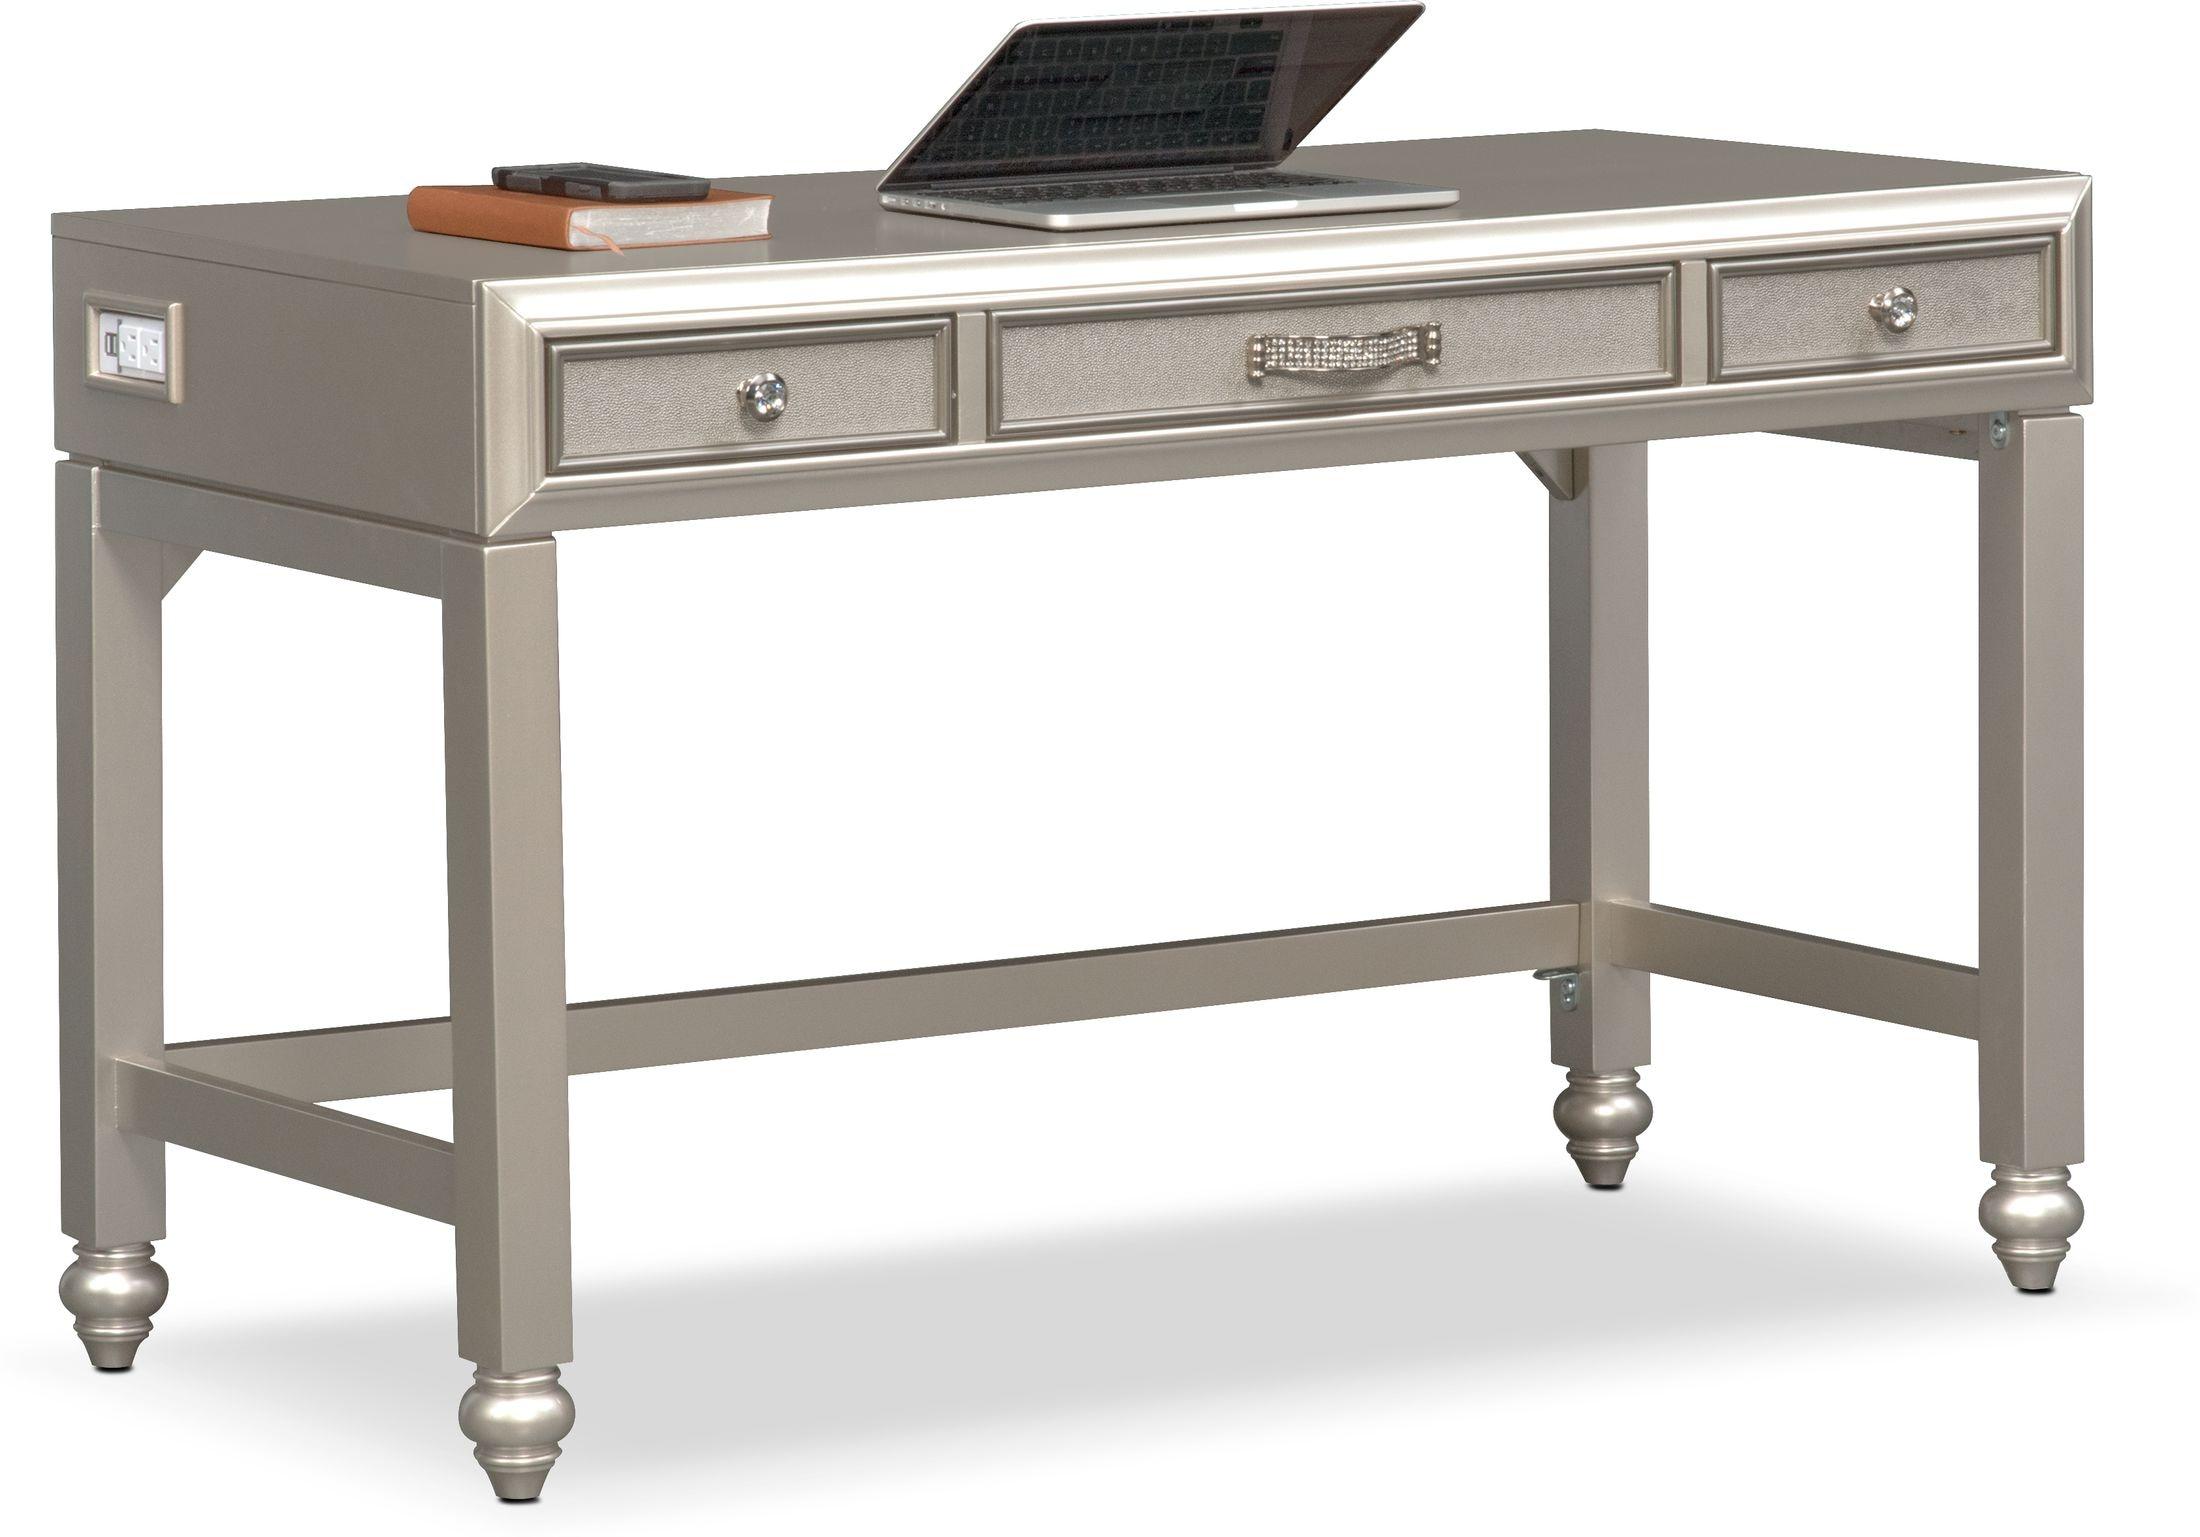 Home Office Furniture - Serena Vanity Desk